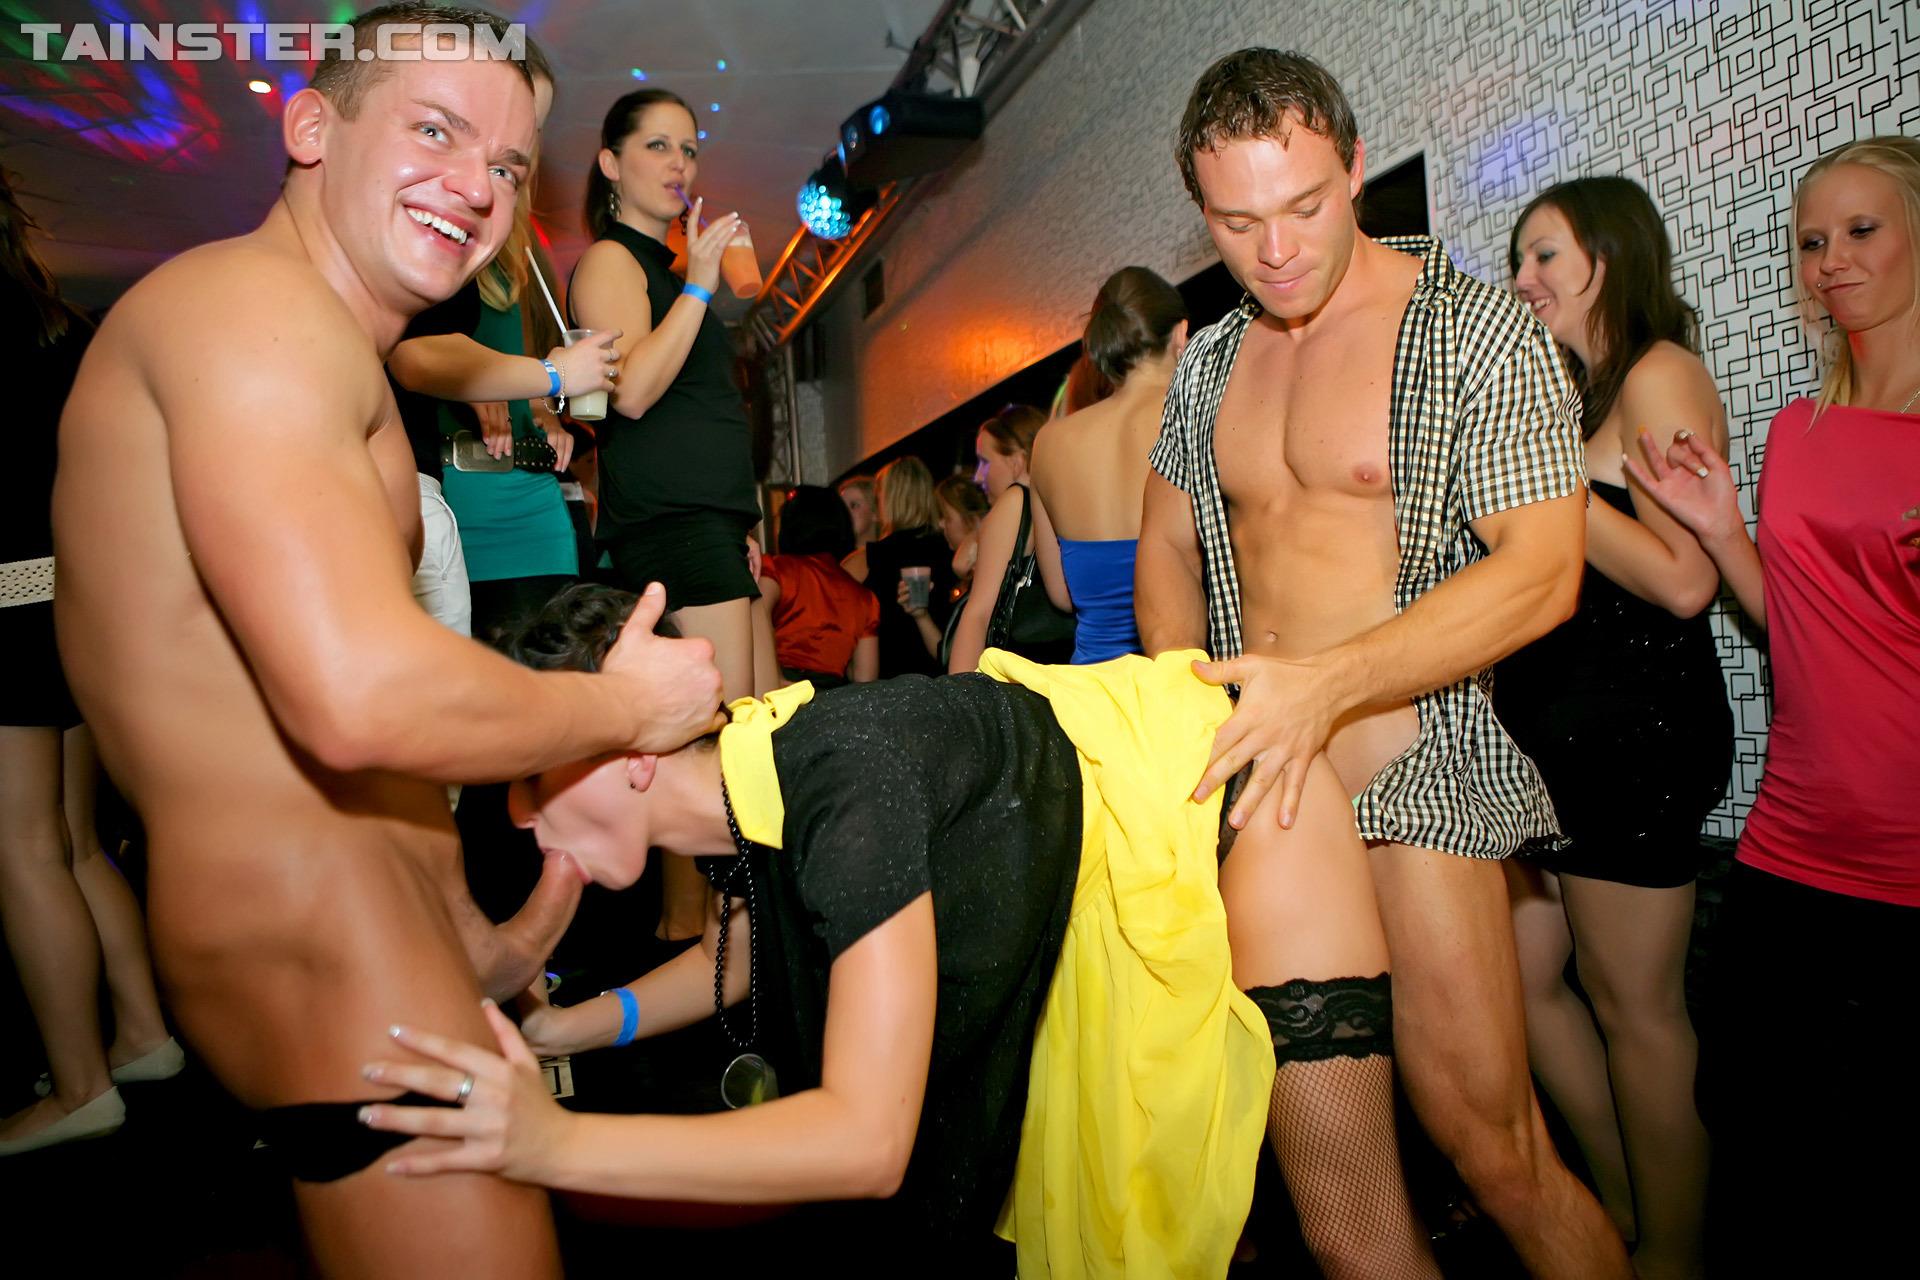 Partyhardcore Party Hardcore Vol. 72 Part 2 June 25, 2012 ...